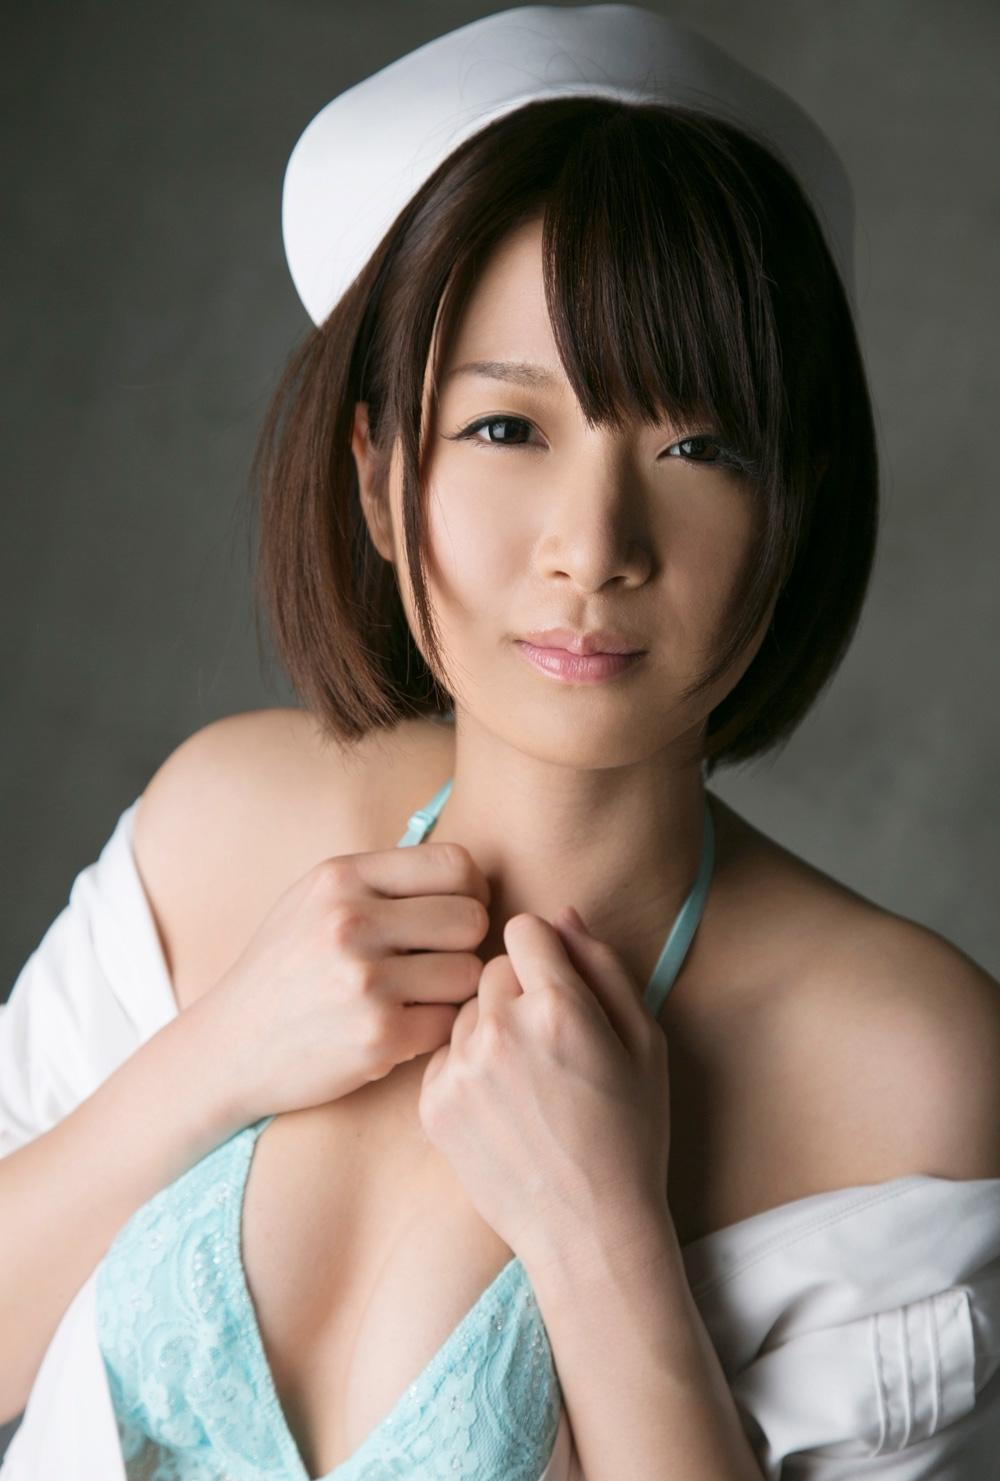 AV女優 神谷まゆ エロ画像 100枚~ 制服コレクション ~ 表紙